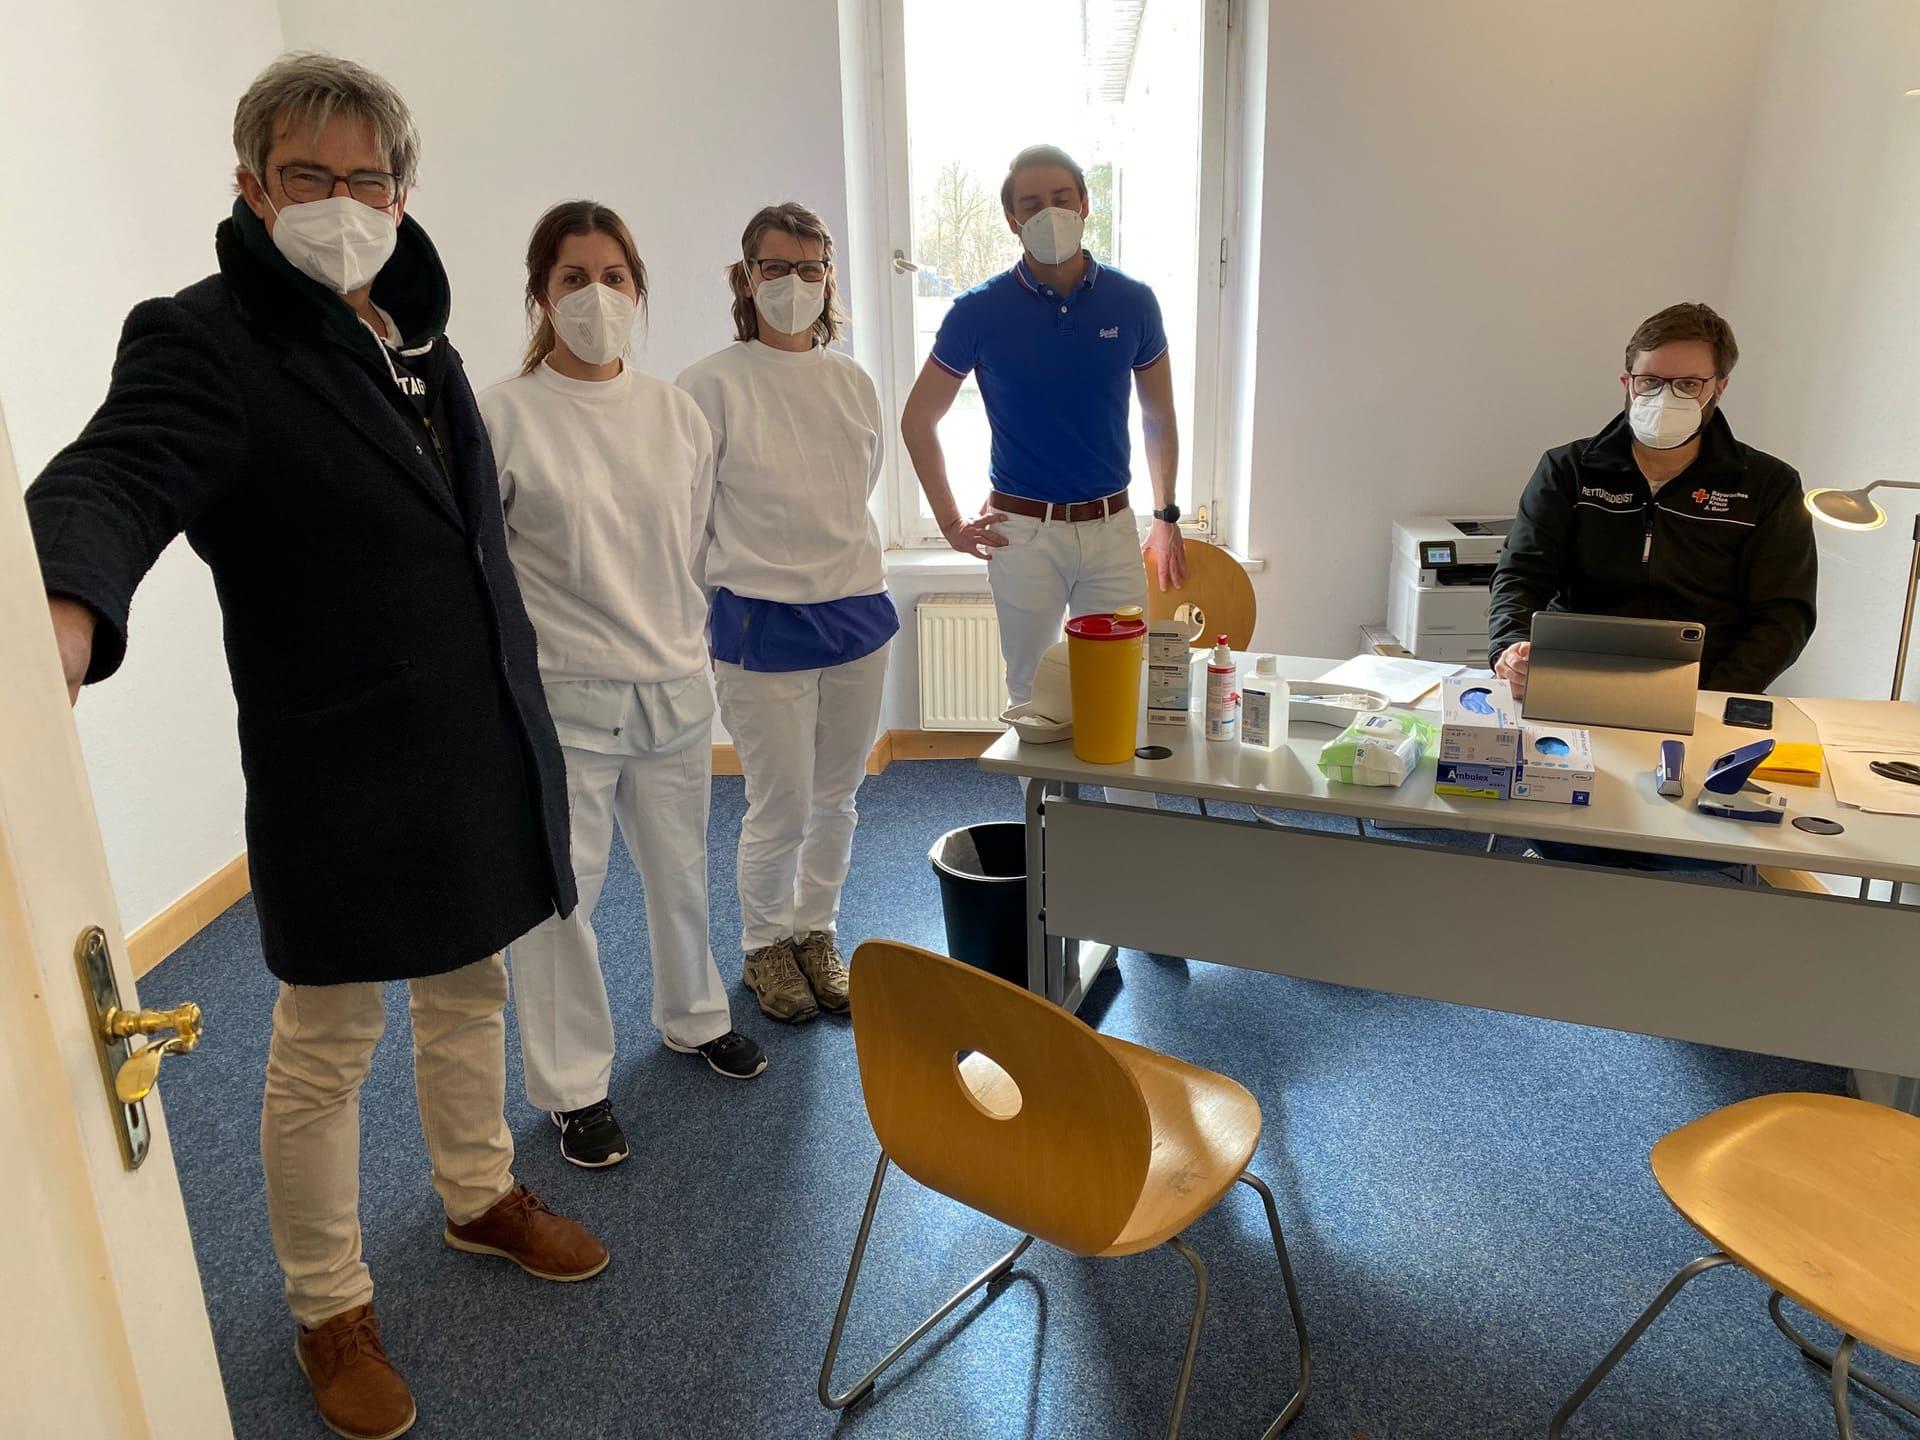 Landkreis Regensburg hat nun drei Impfzentren Impfzentrum Wörth an der Donau steht in Rekordzeit